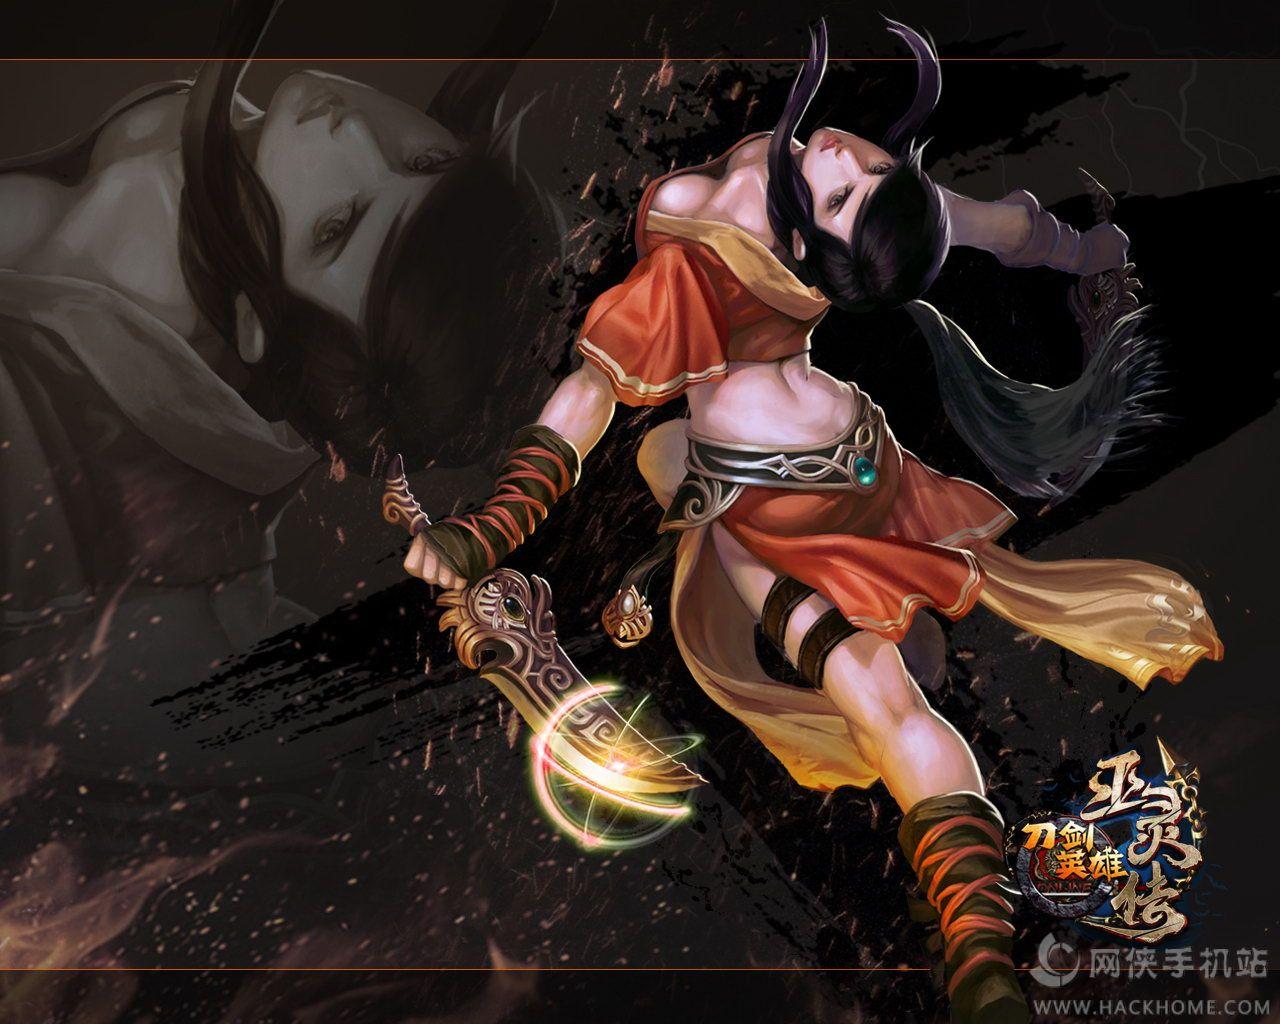 刀剑英雄手机游戏官方网站图3: